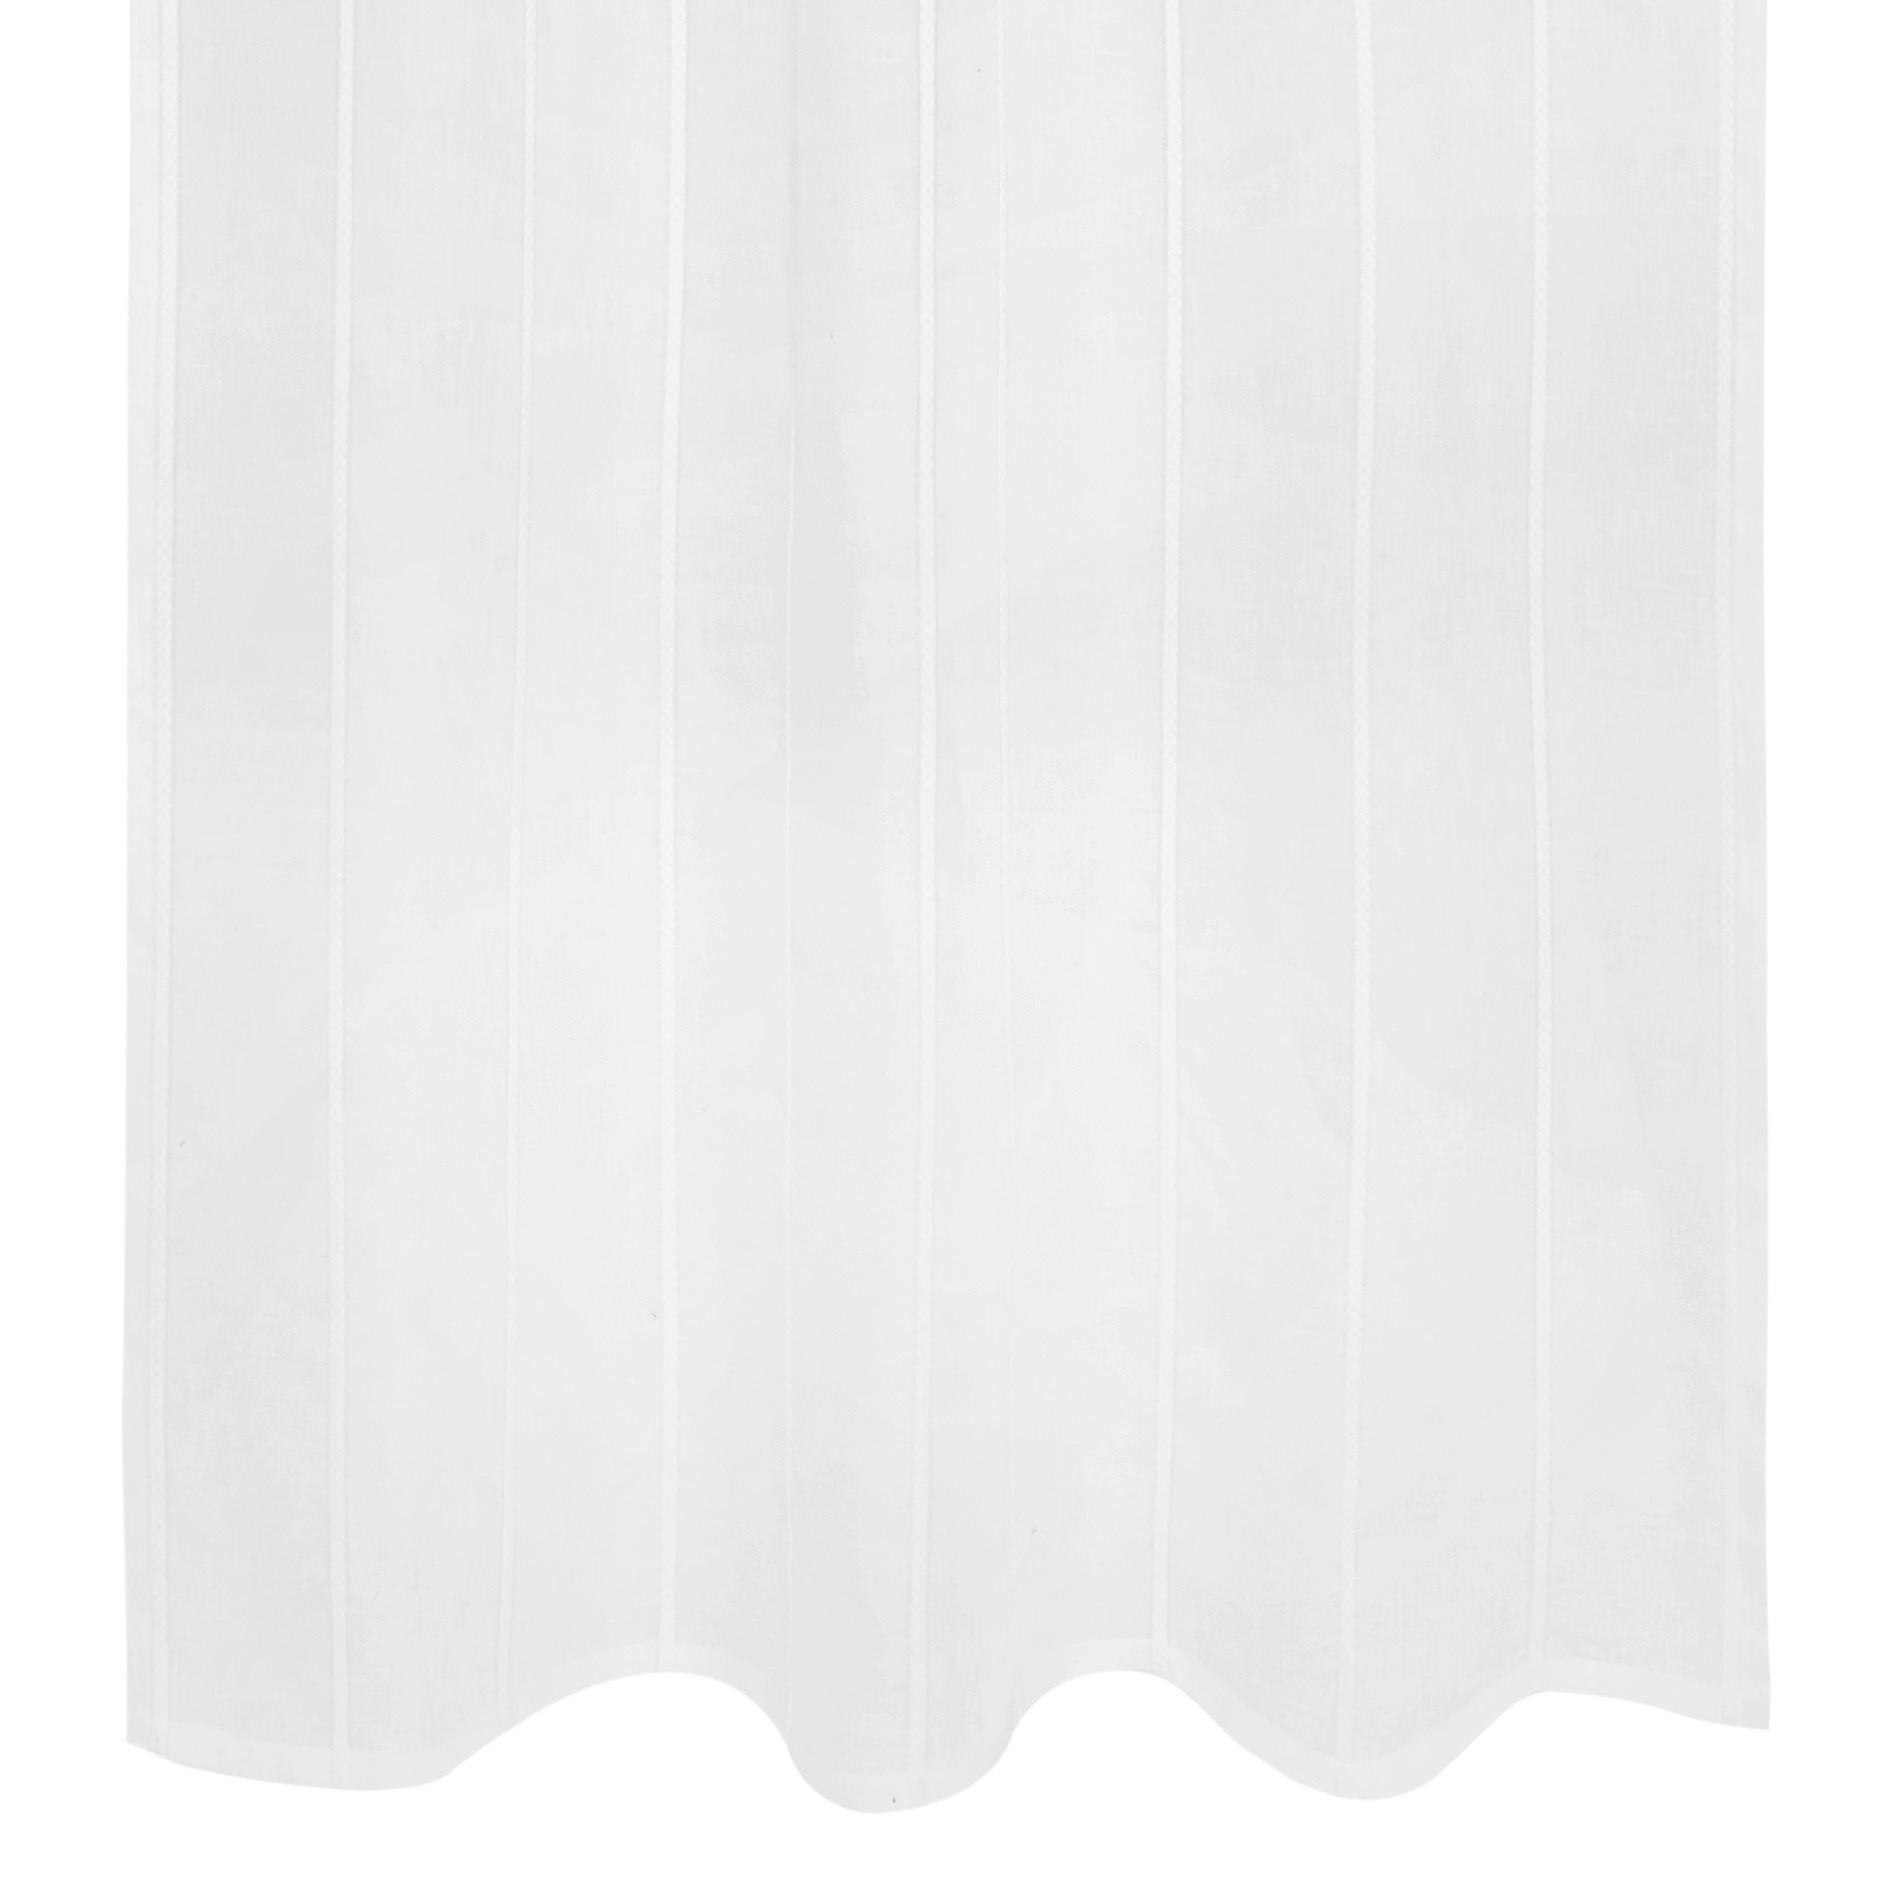 Tenda misto lino con applicazioni, Bianco, large image number 1